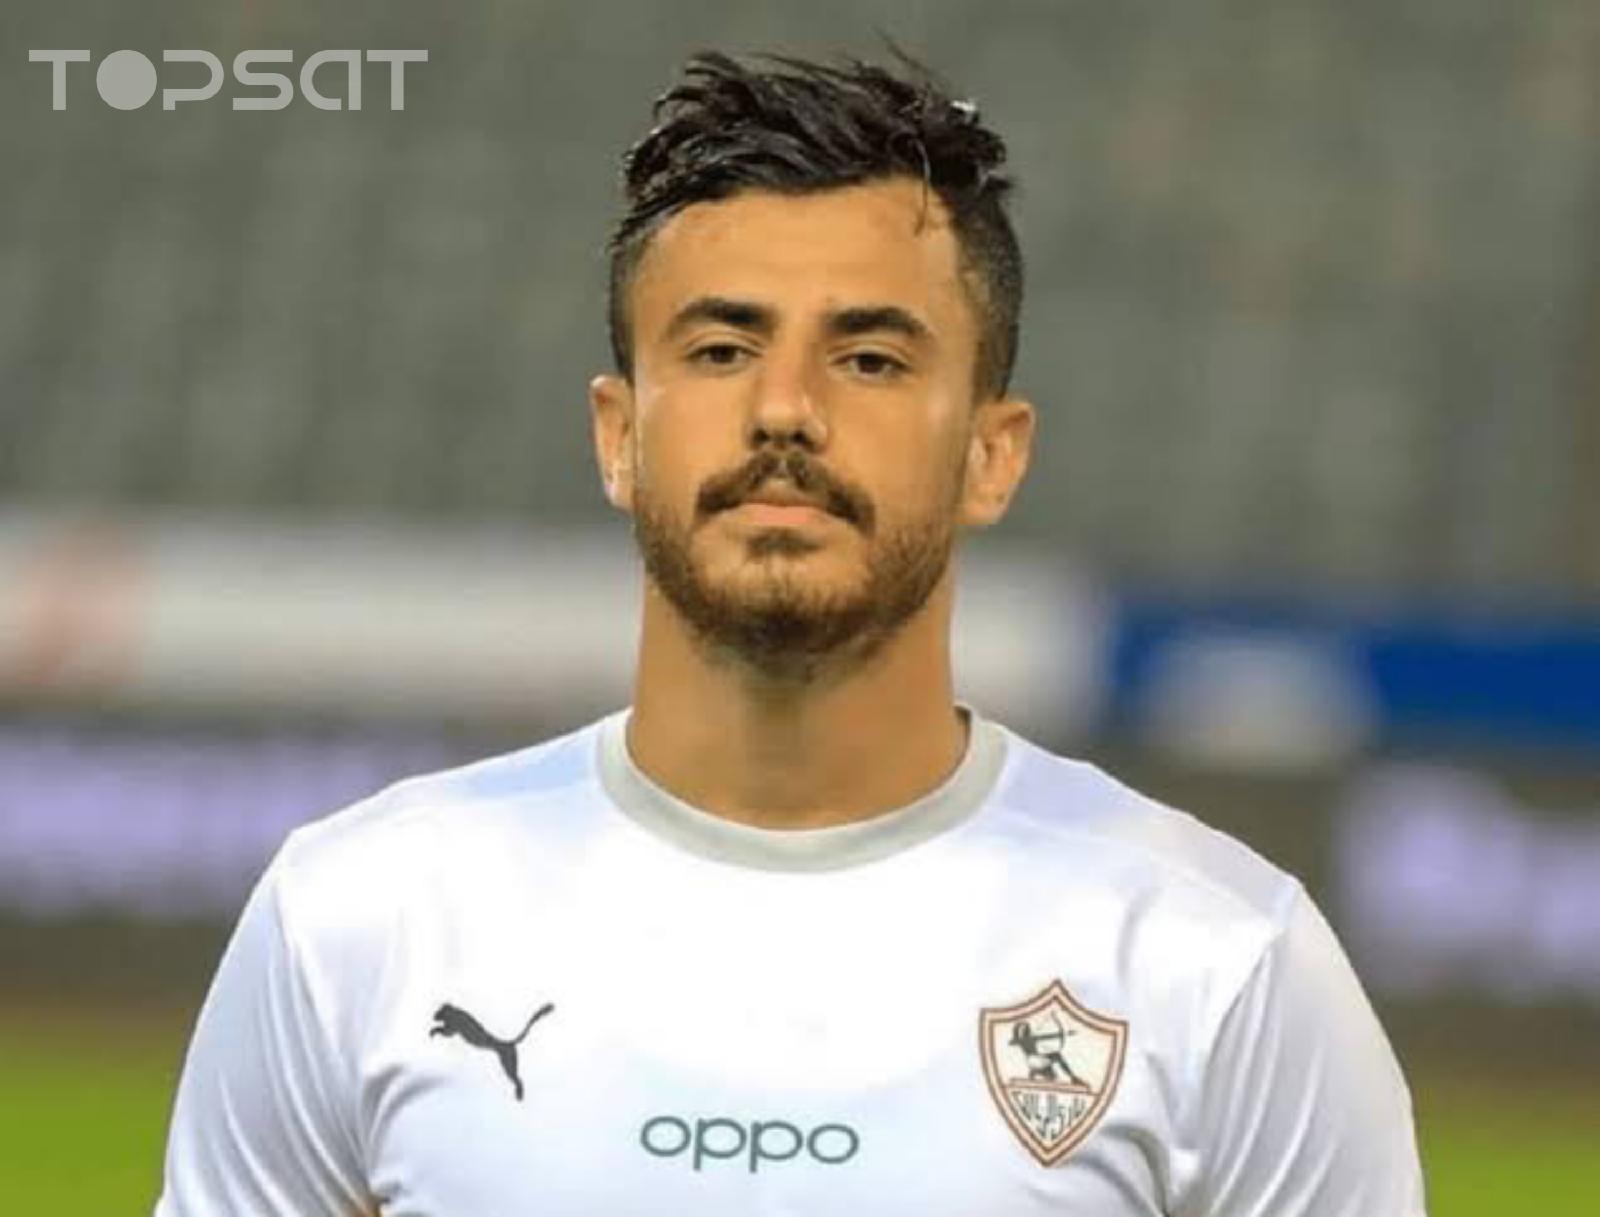 عاجل تأكد إصابة محمود الونش مدافع نادي الزمالك بفيروس كورونا